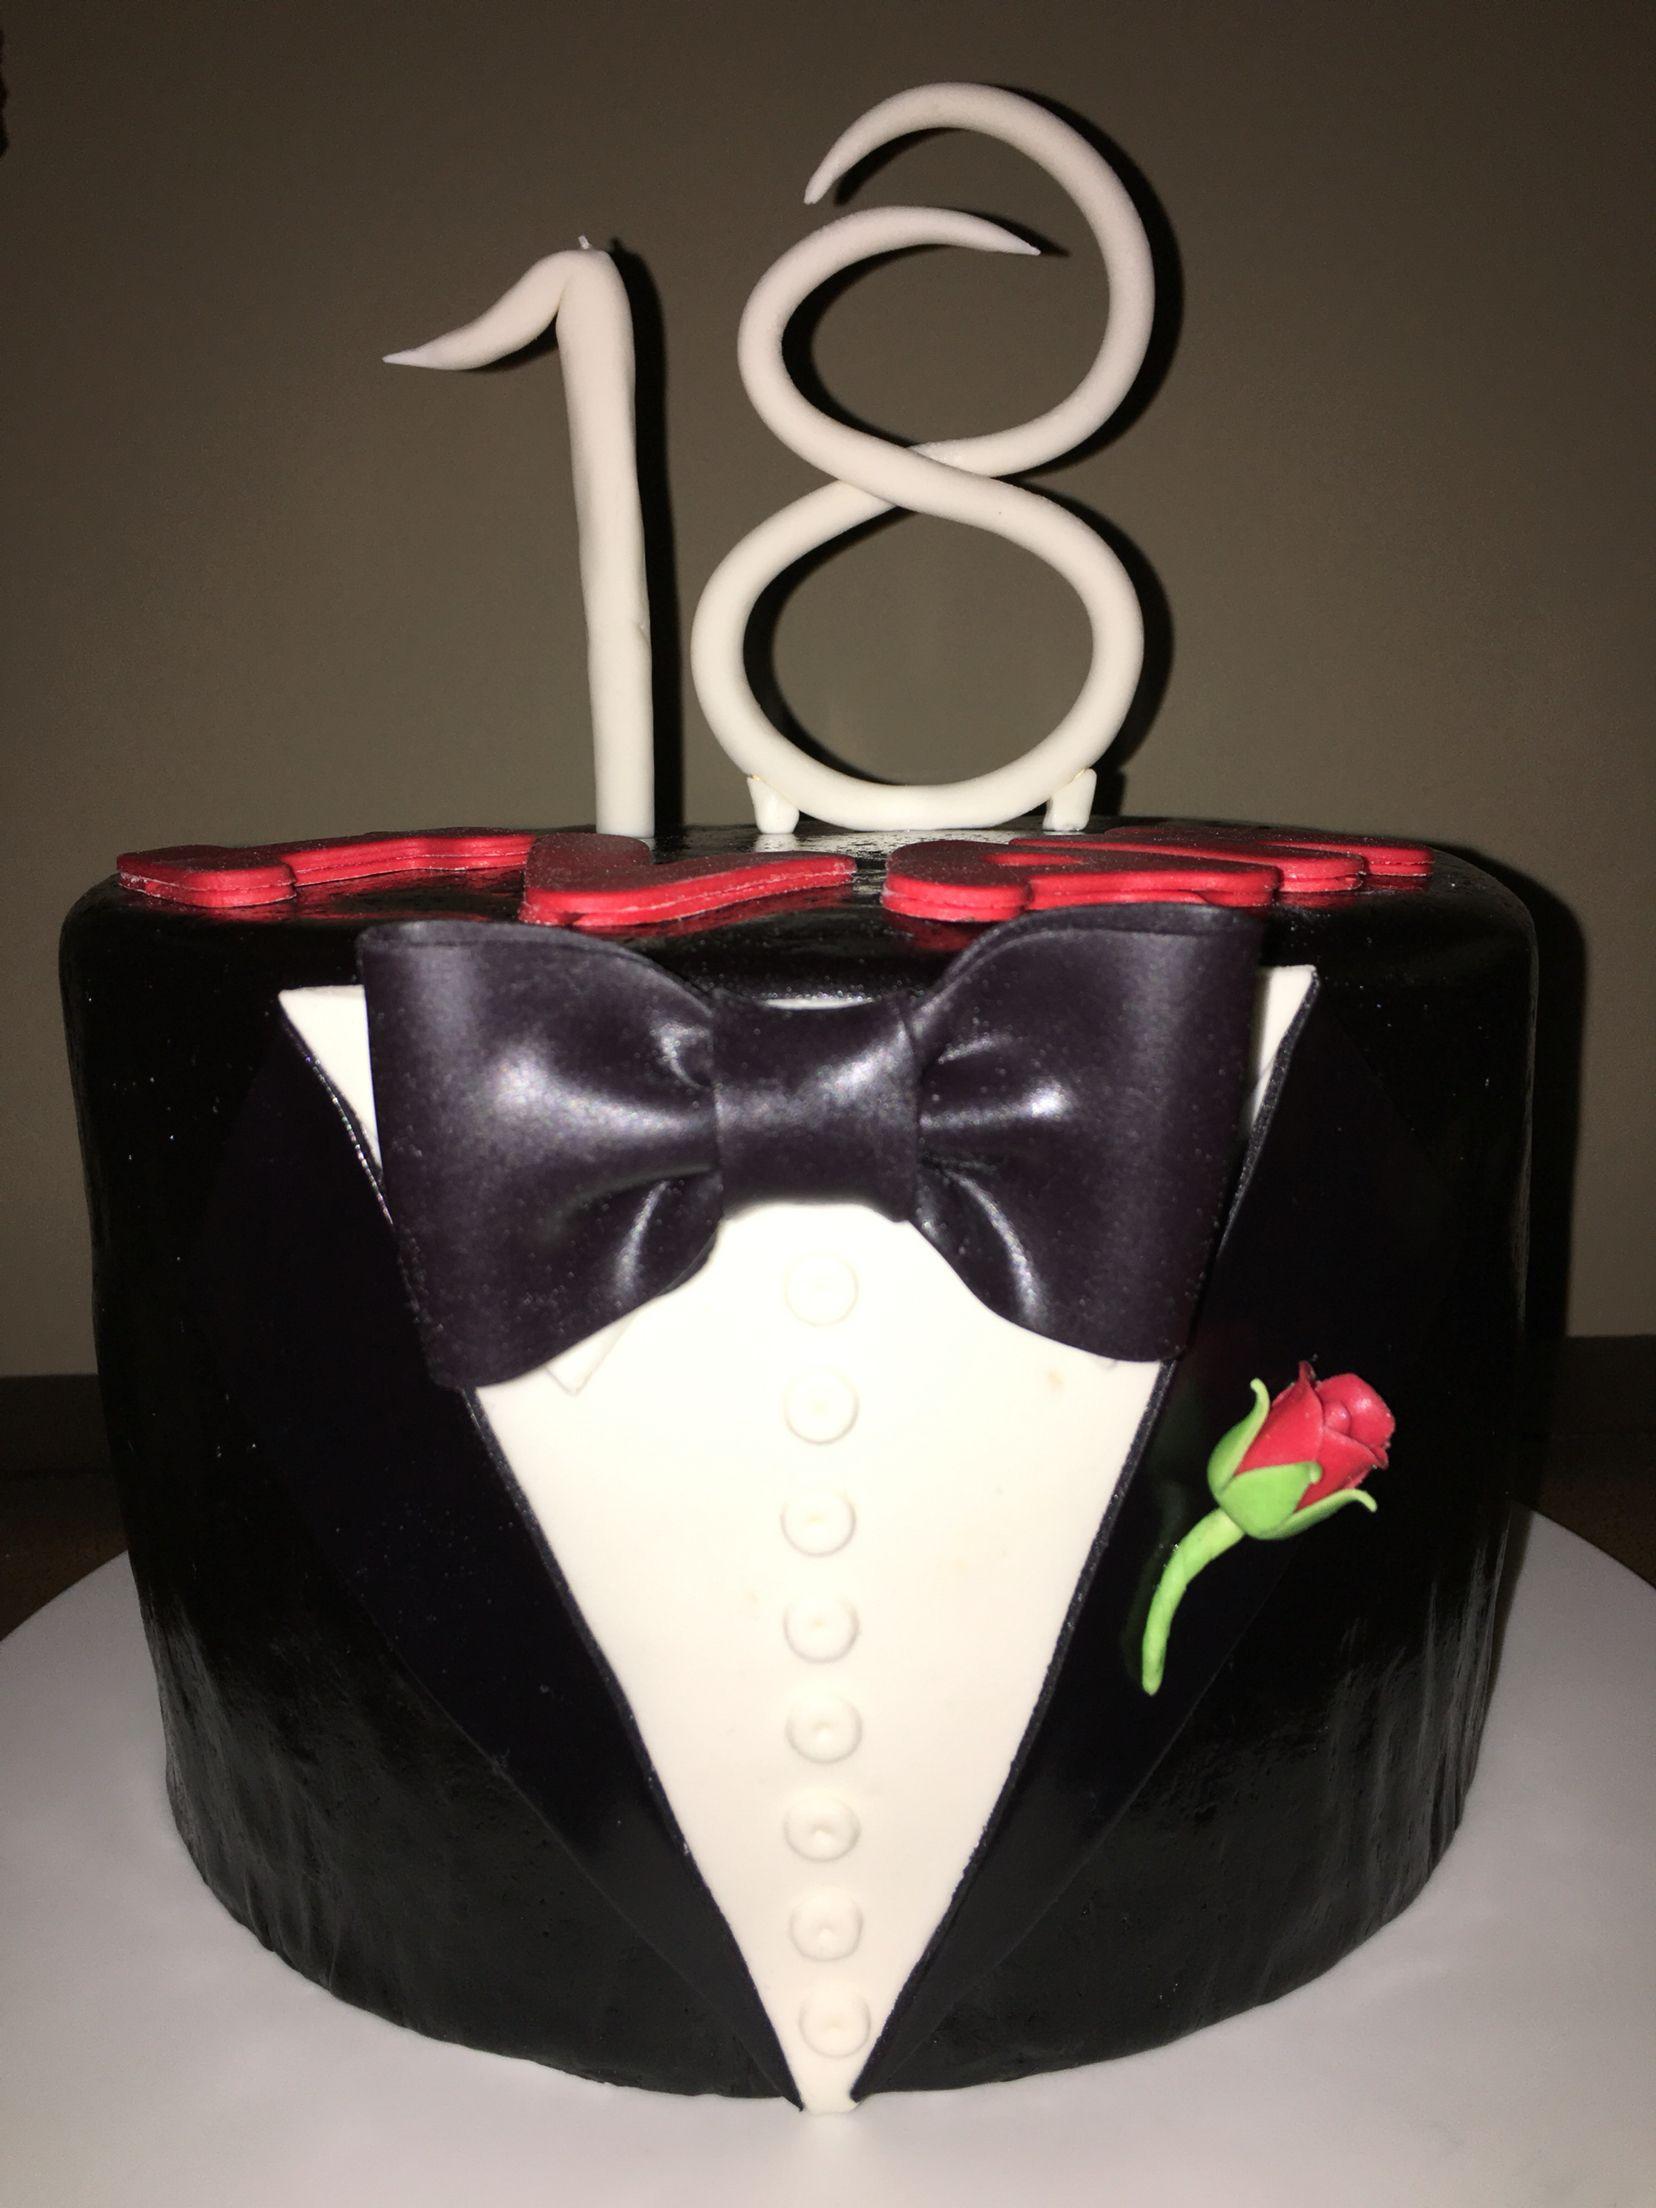 Tuxedo-themed Cake